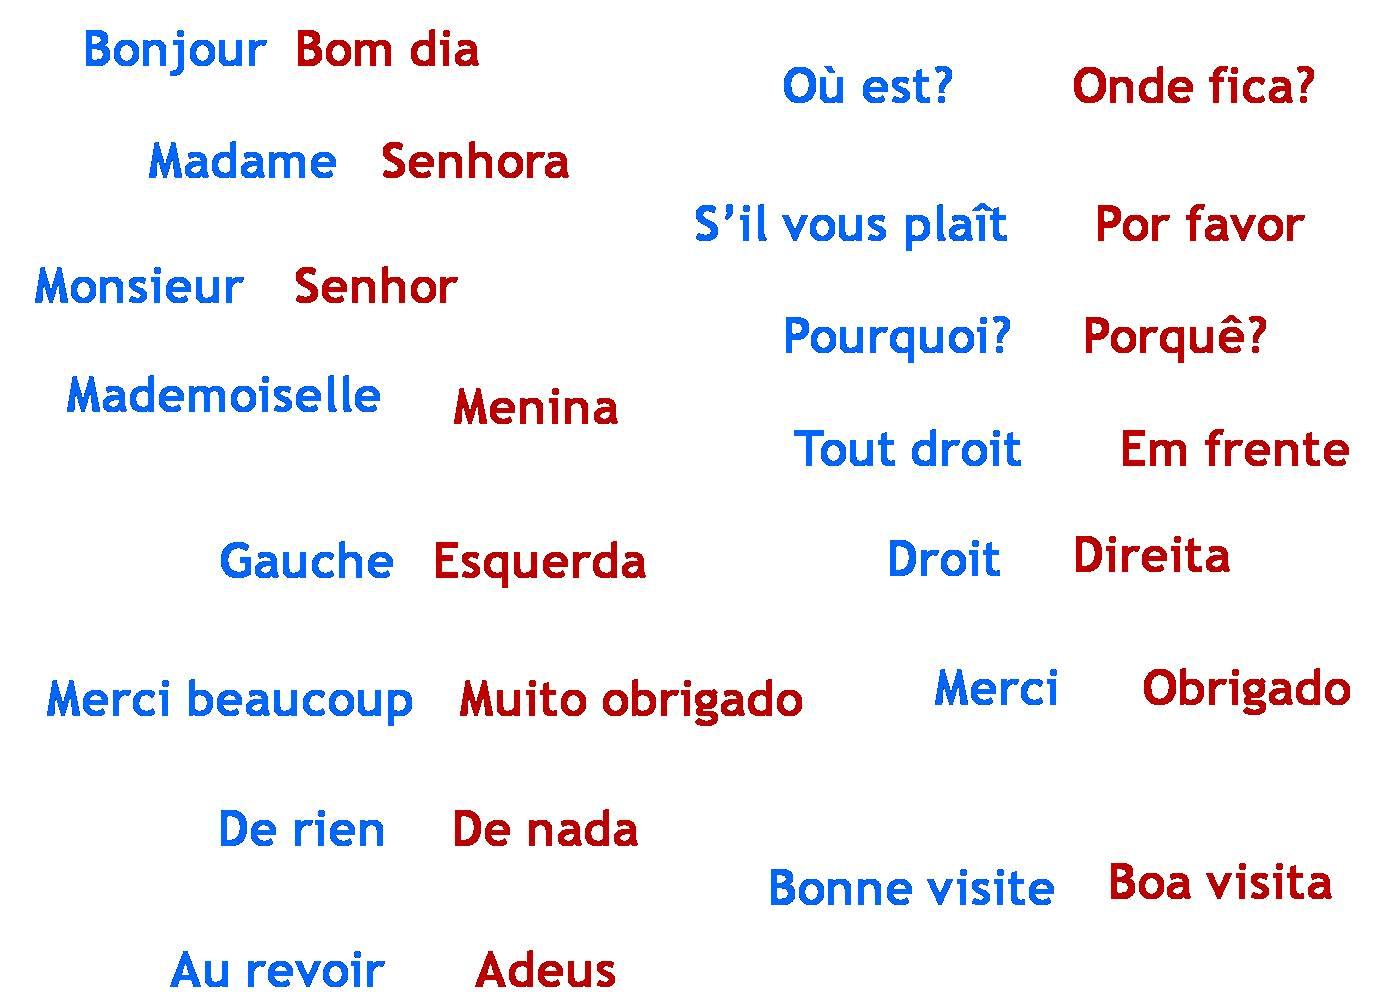 Aprender Francês Lição 3 Frases úteis E As Cores